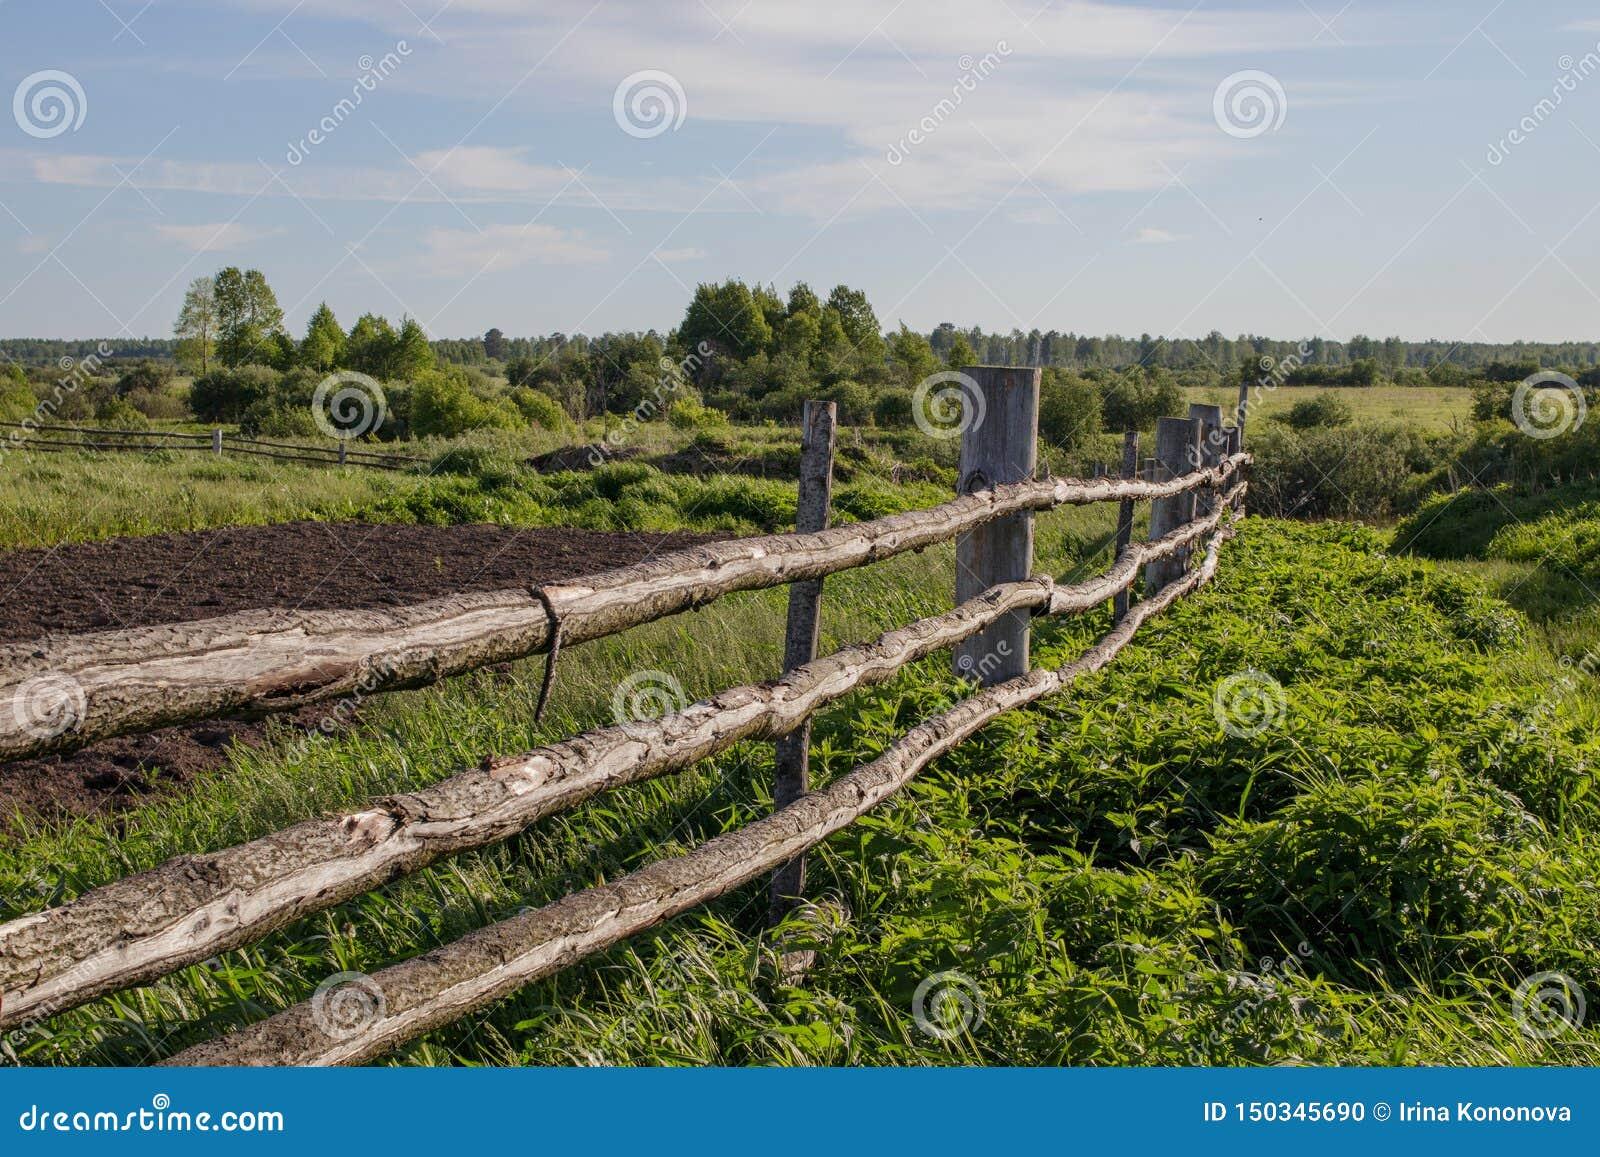 Oude rustieke houten omheining in het Siberische dorp, die zich in de afstand uitrekken